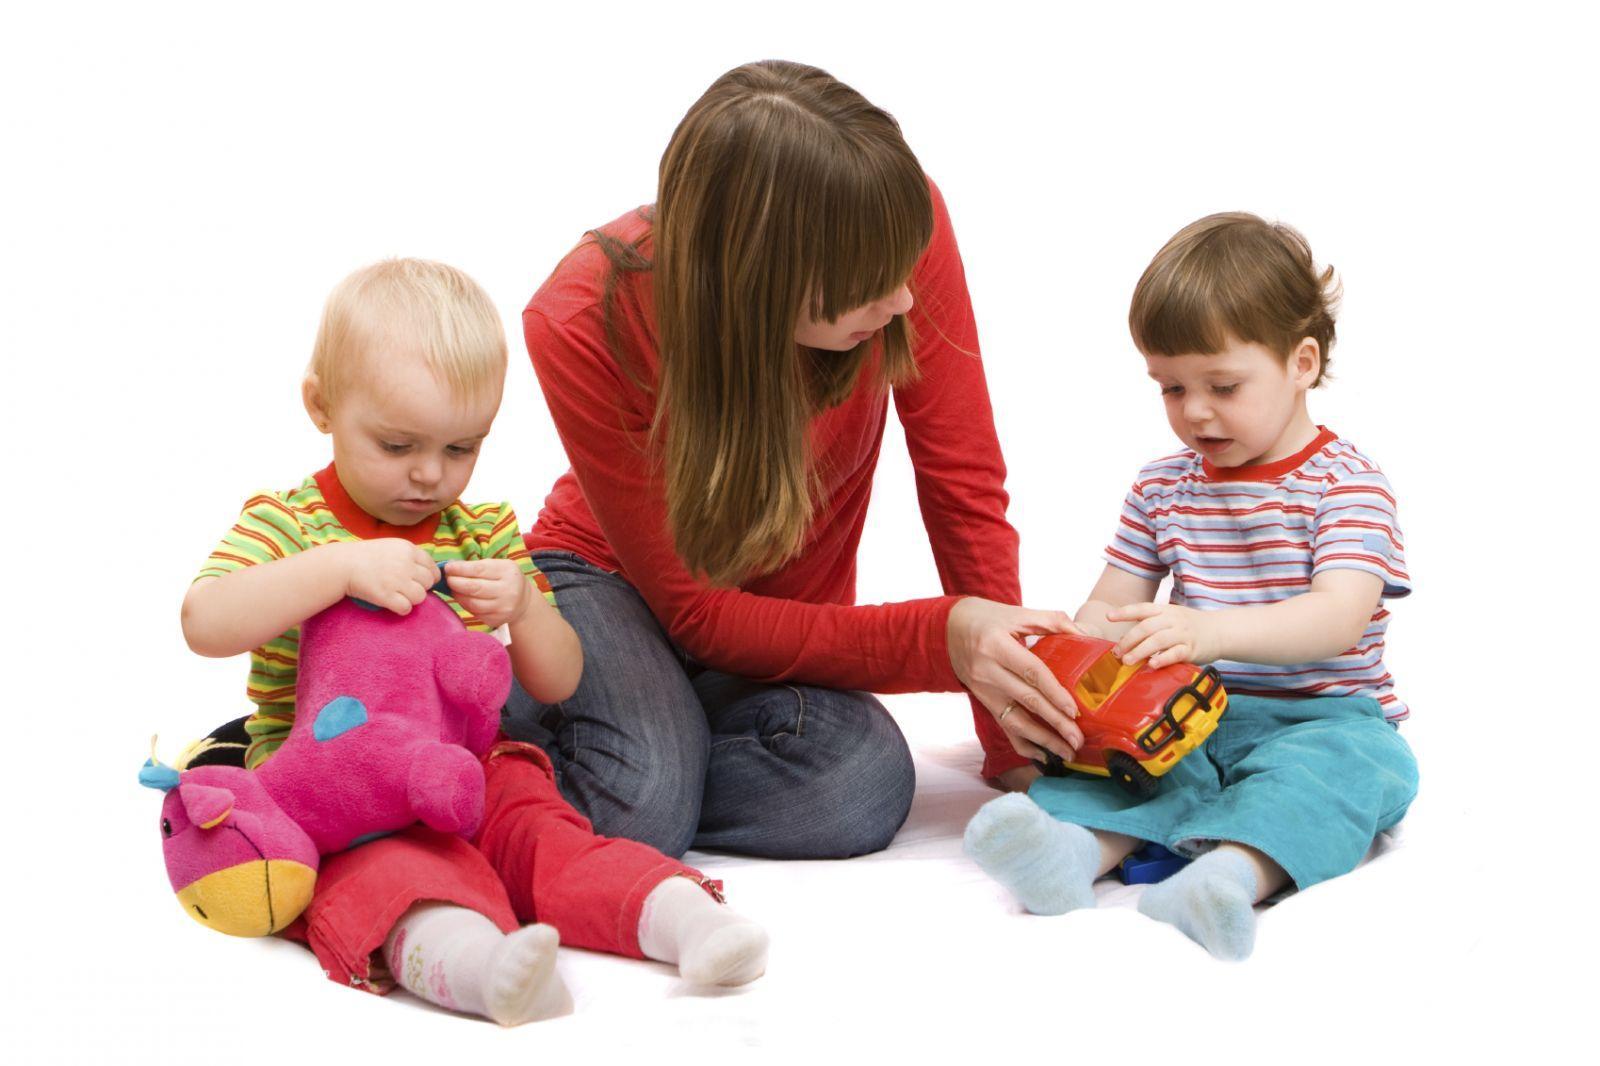 مراقبت و نگهداری کودک در منزل